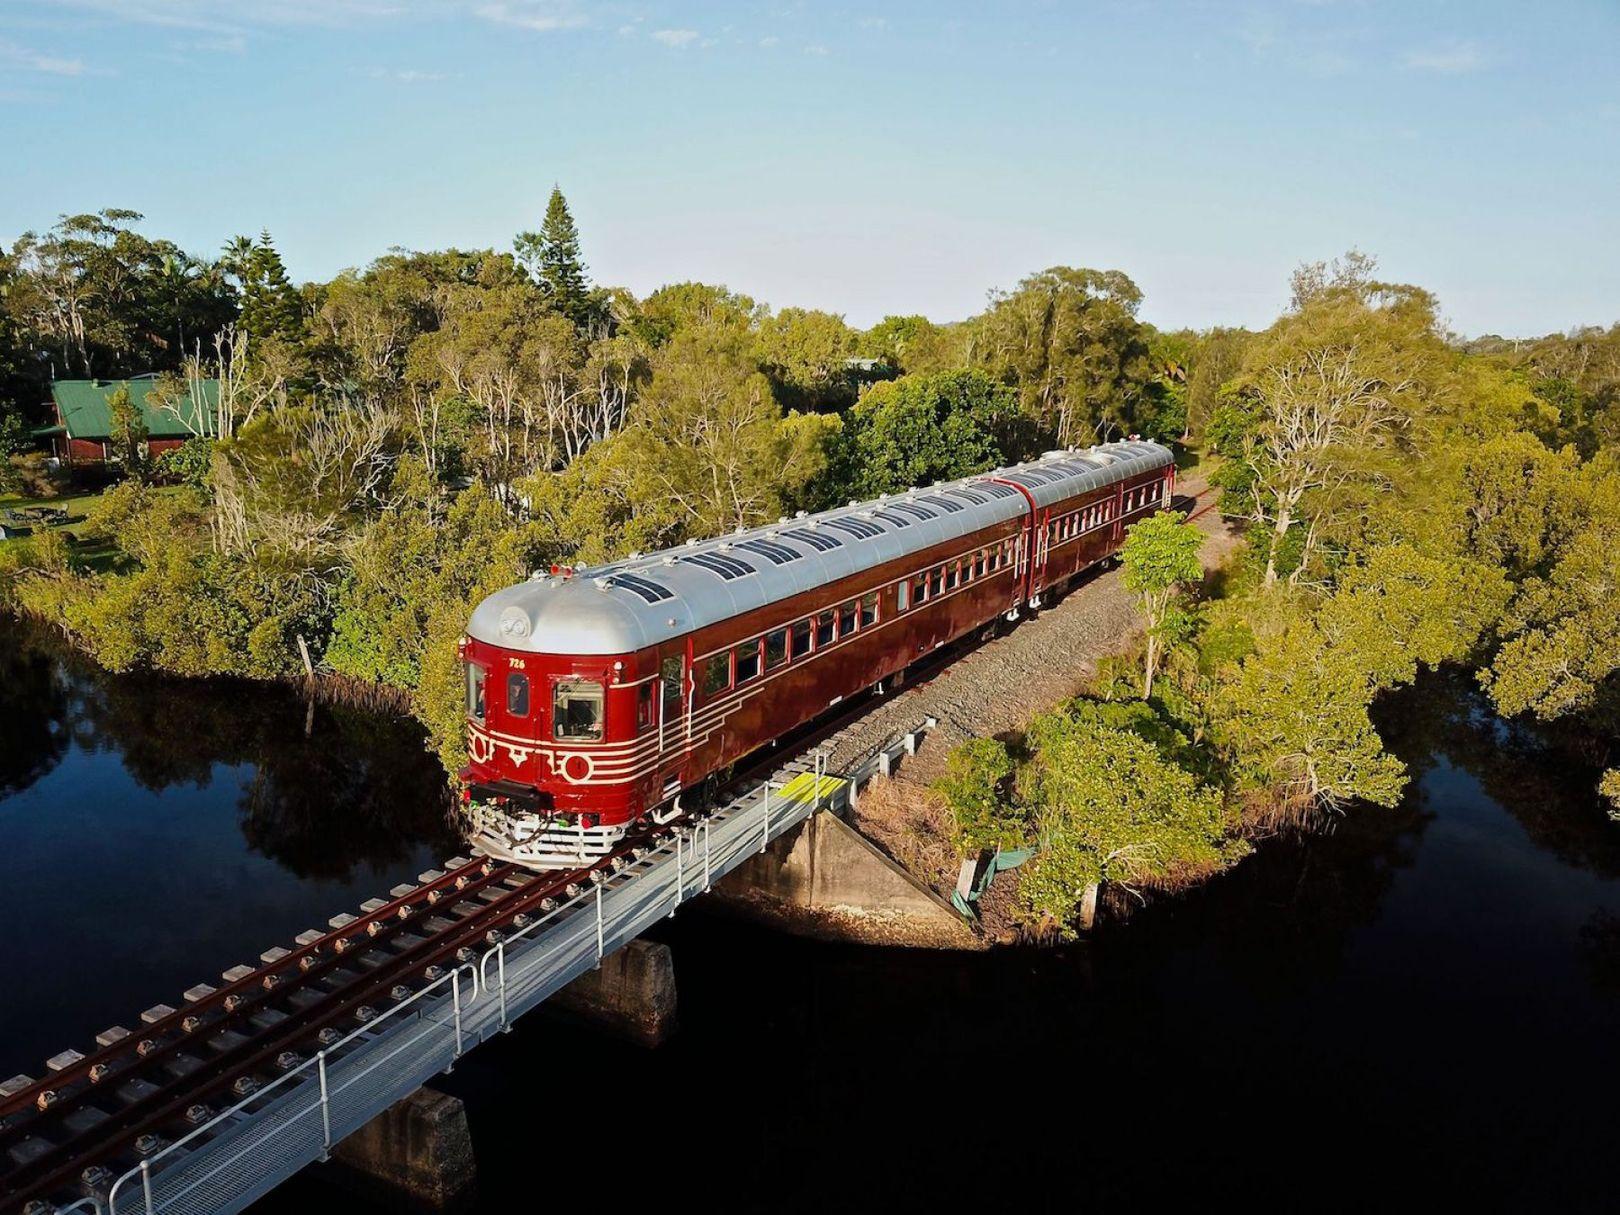 Australie : ce train fonctionne uniquement à l'énergie solaire [Vidéos]